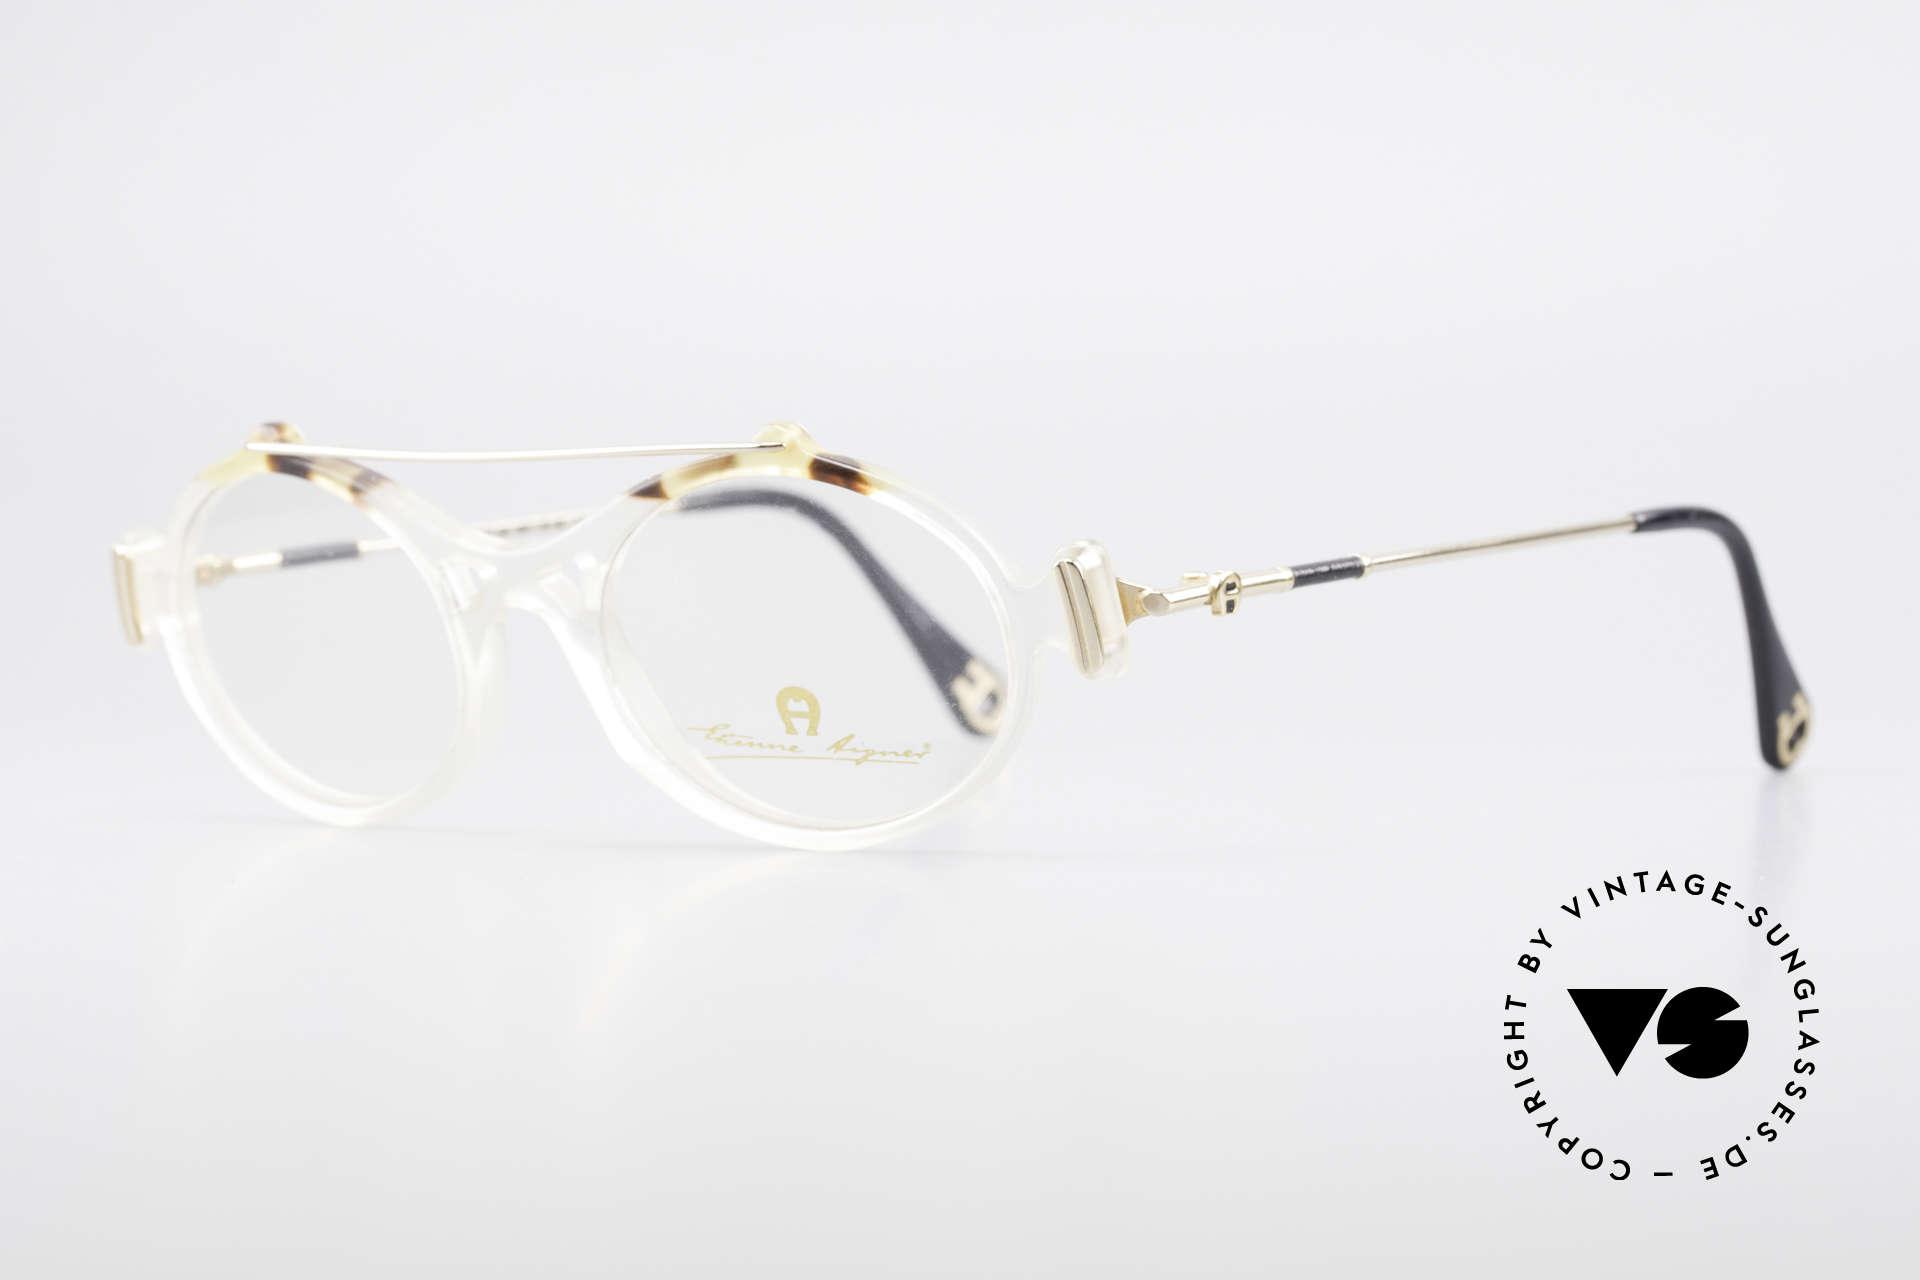 Aigner EA56 Echt 80er Luxus Brillenfassung, wahre Luxus-Brille mit Seriennr.; kostbar & selten, Passend für Damen